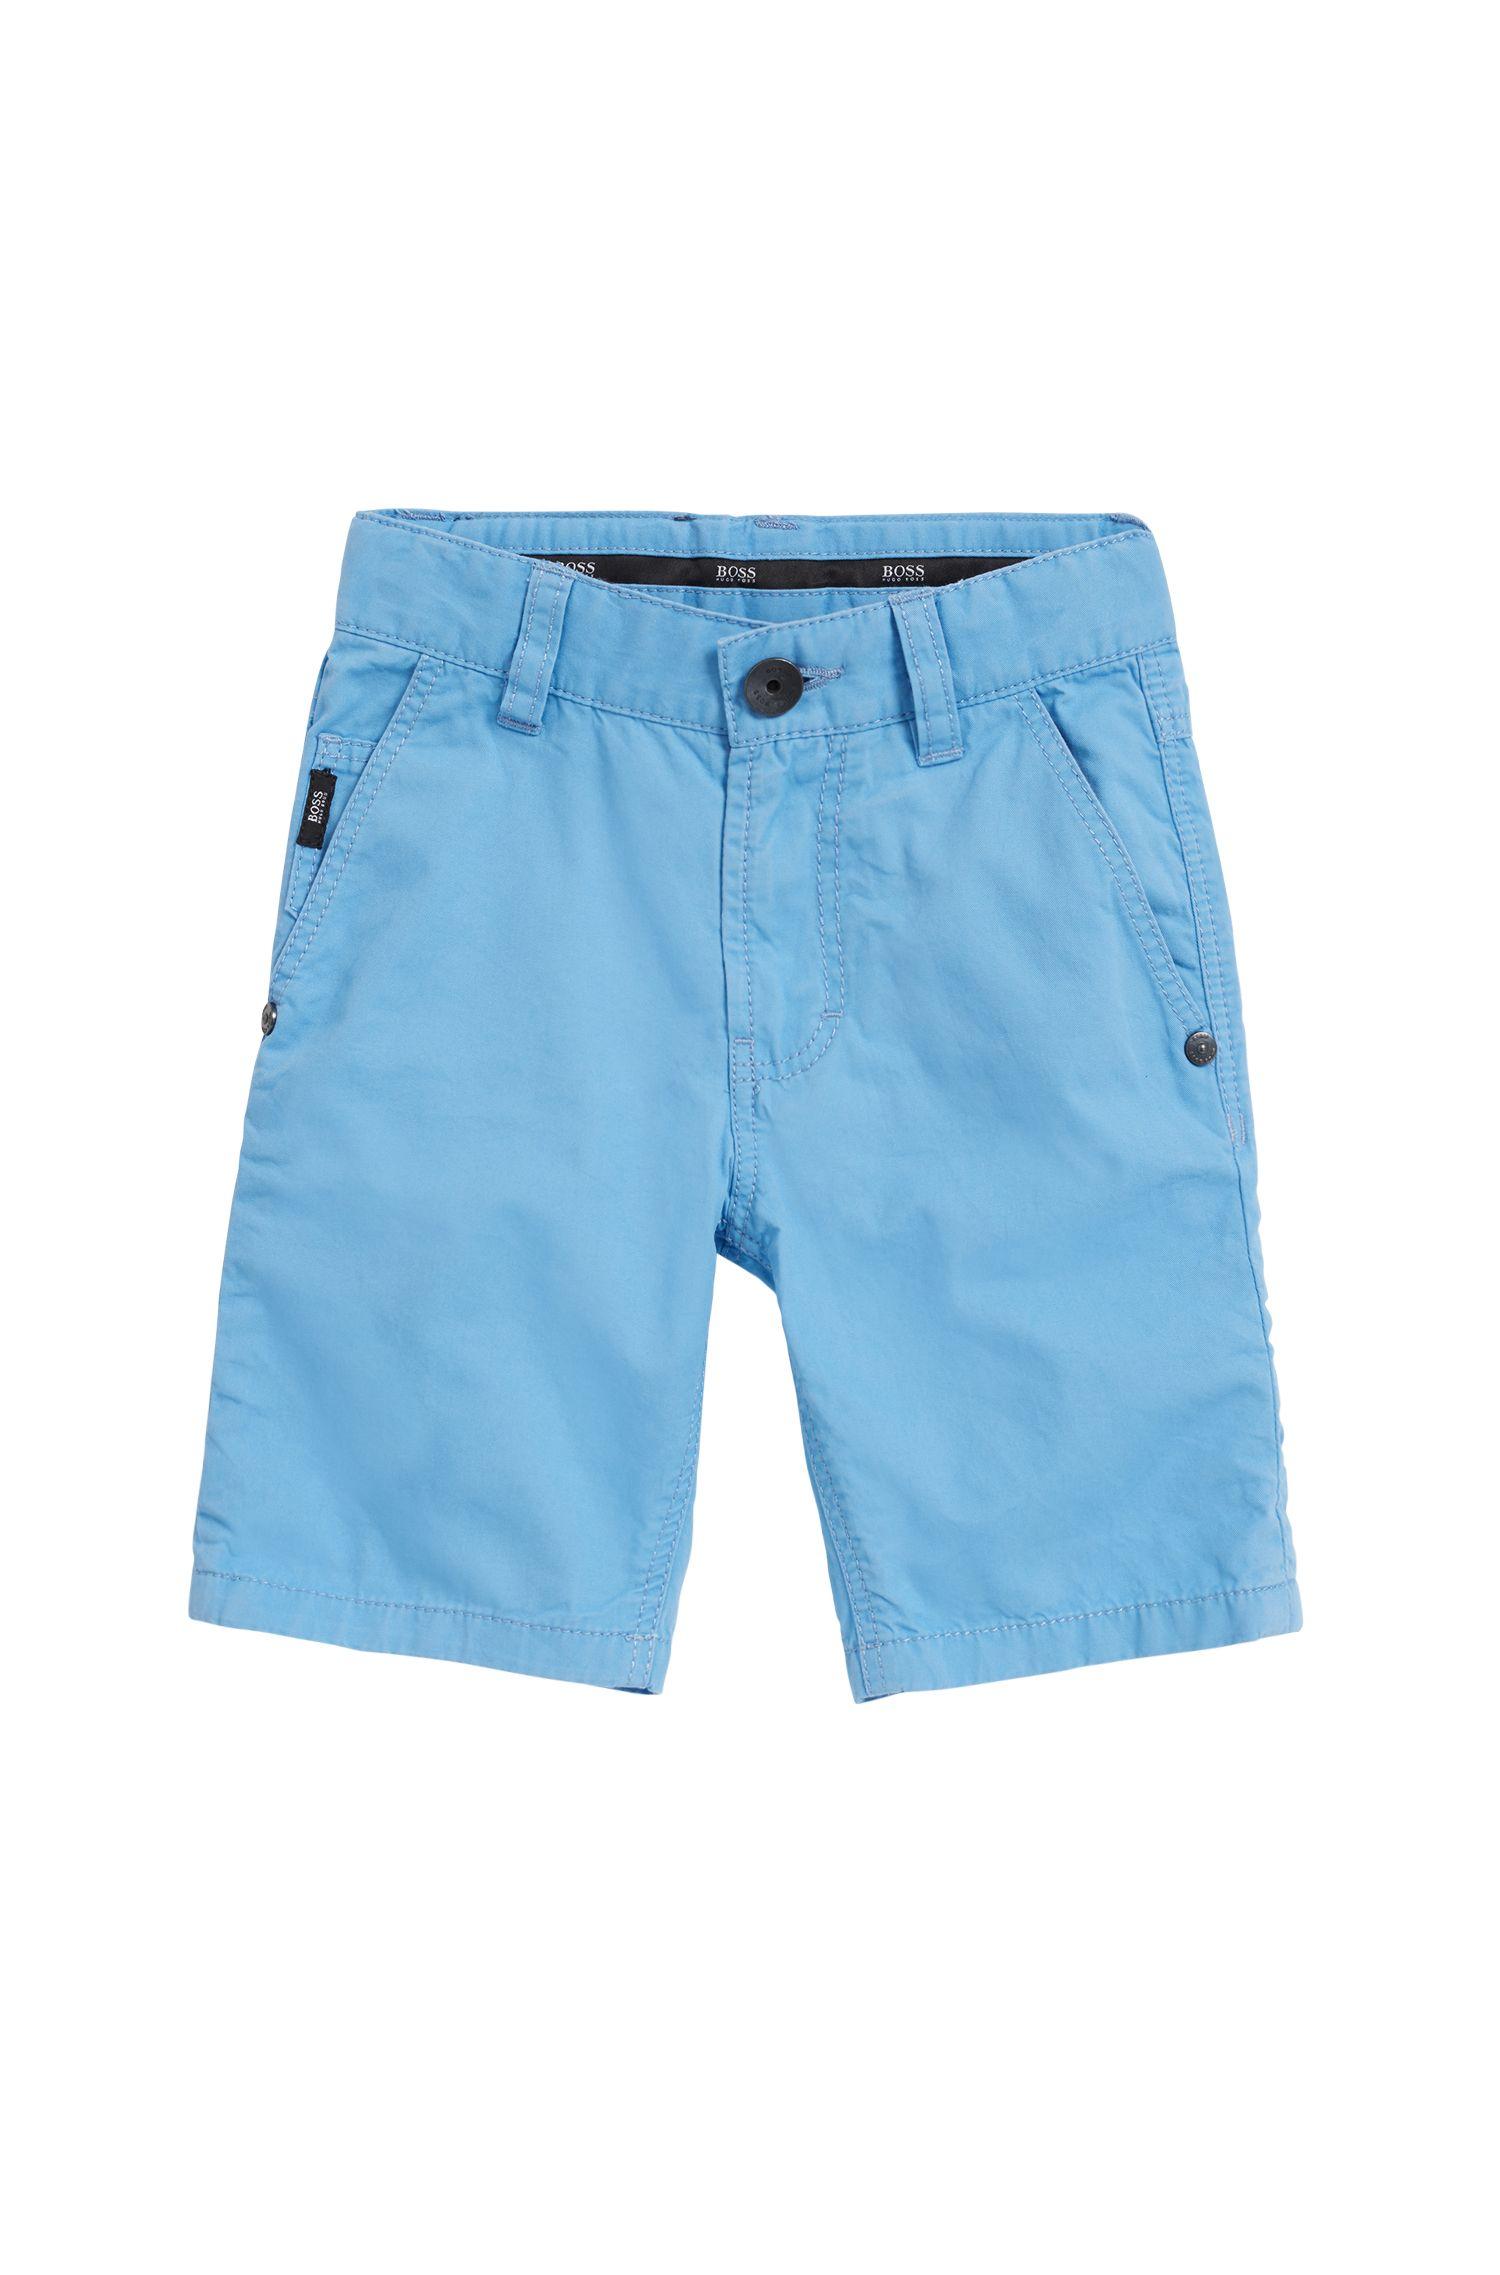 Kids-Bermuda aus Baumwoll-Twill mit Zierstreifen an den Beinumschlägen